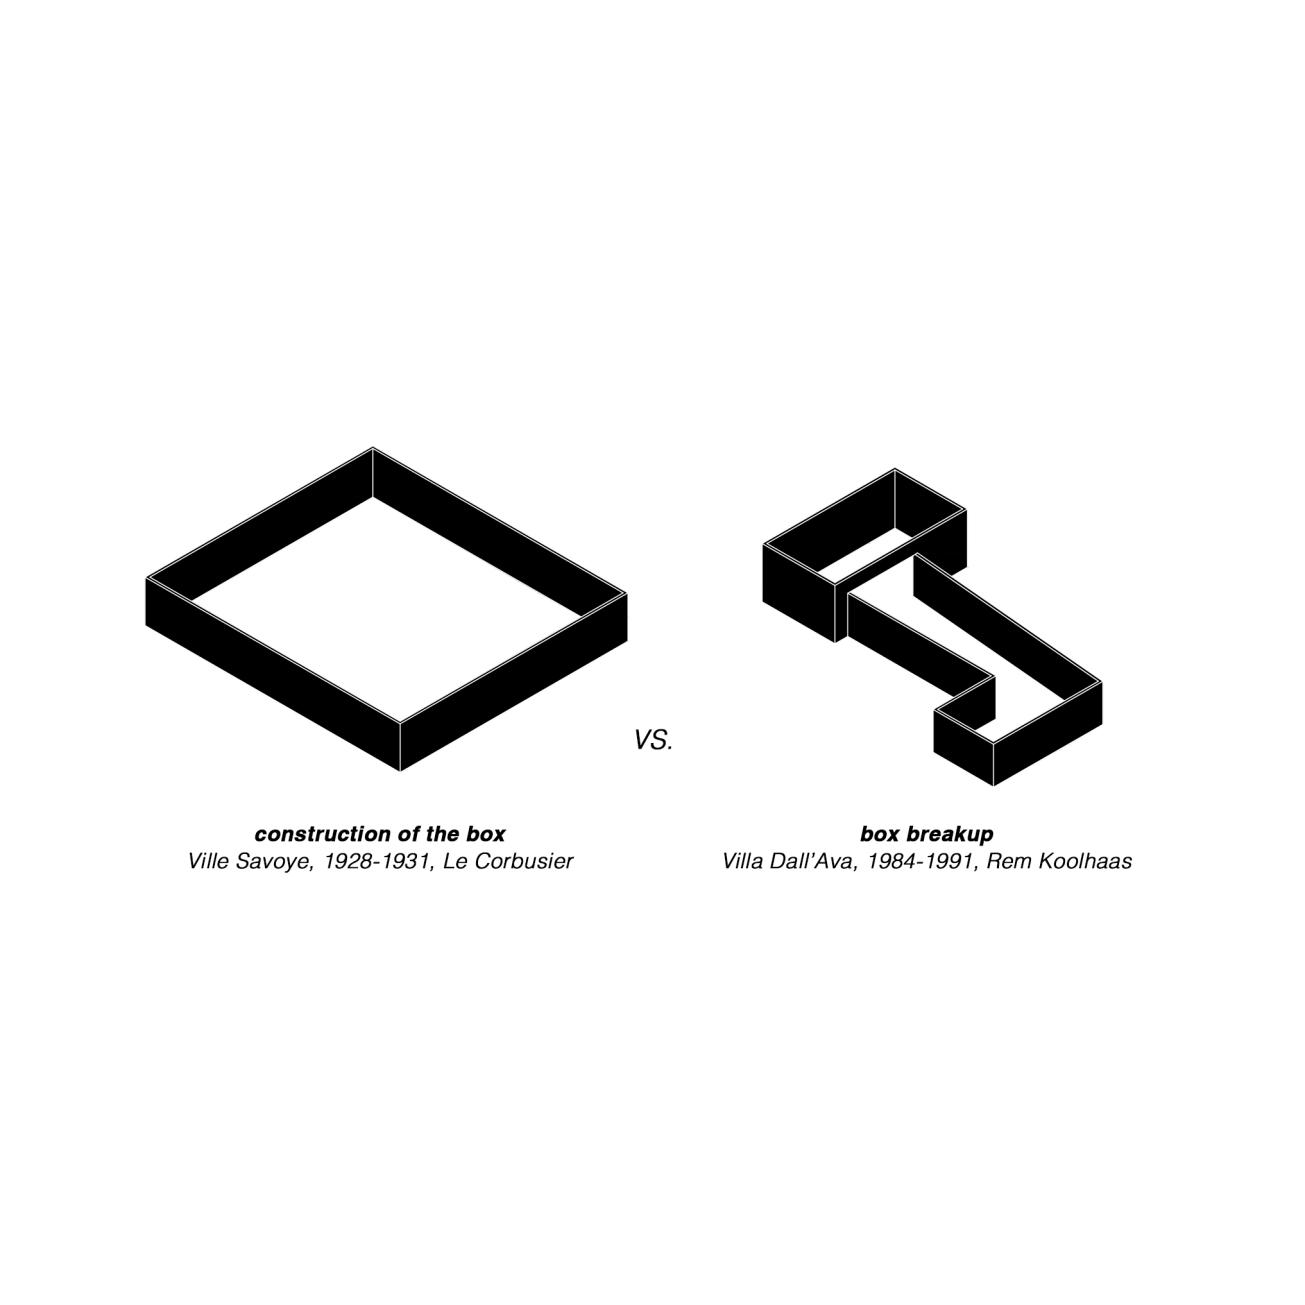 03_The-box_Ville Savoye vs Villa Dall'Ava_Alex-Duro_2016_Master-Degree-in-Advanced-Architecture-Projects_ETSAM